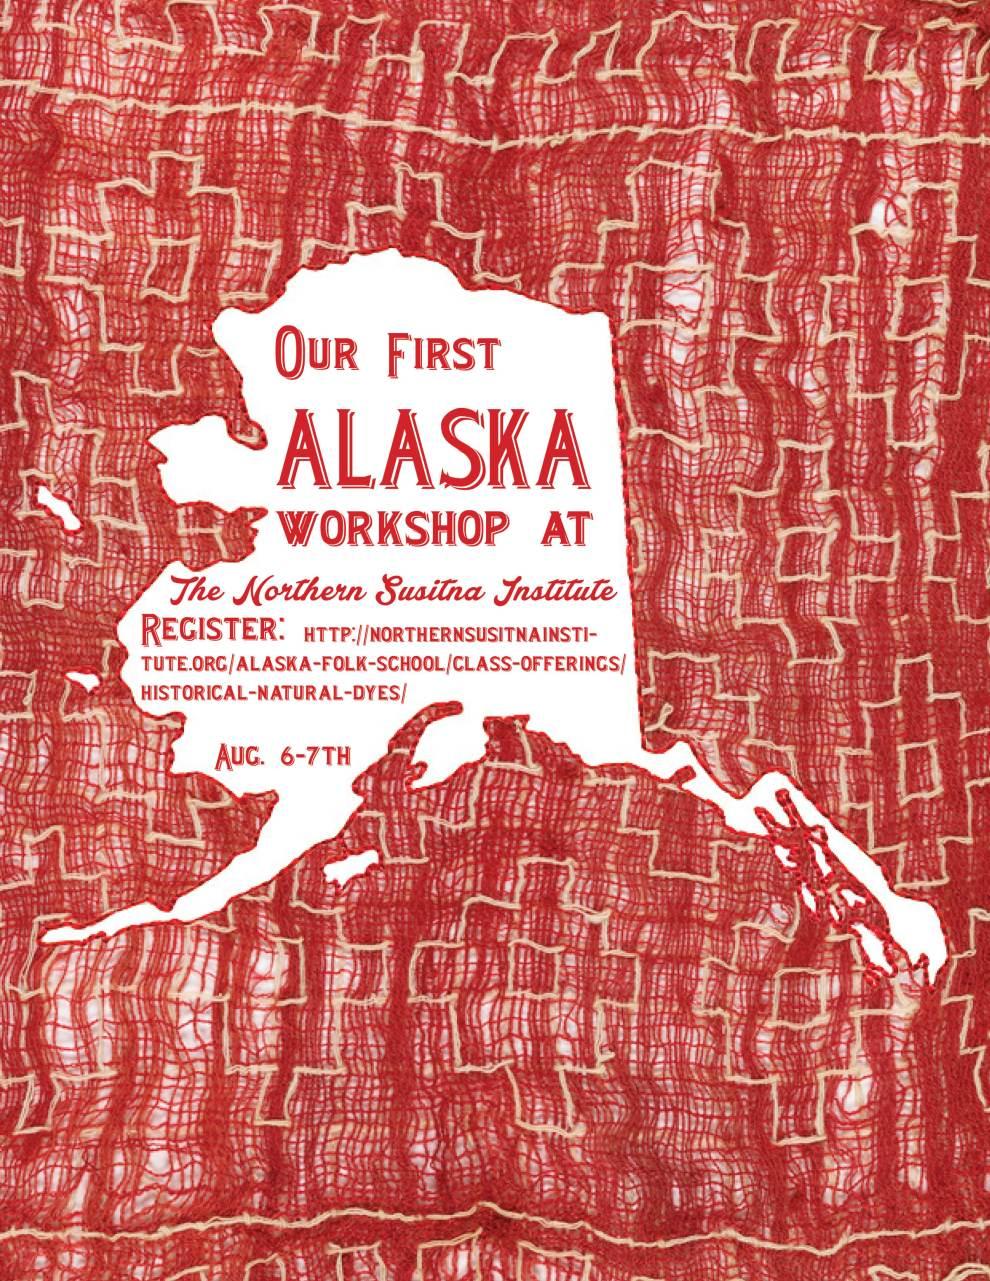 Alaskaworkshopflyer